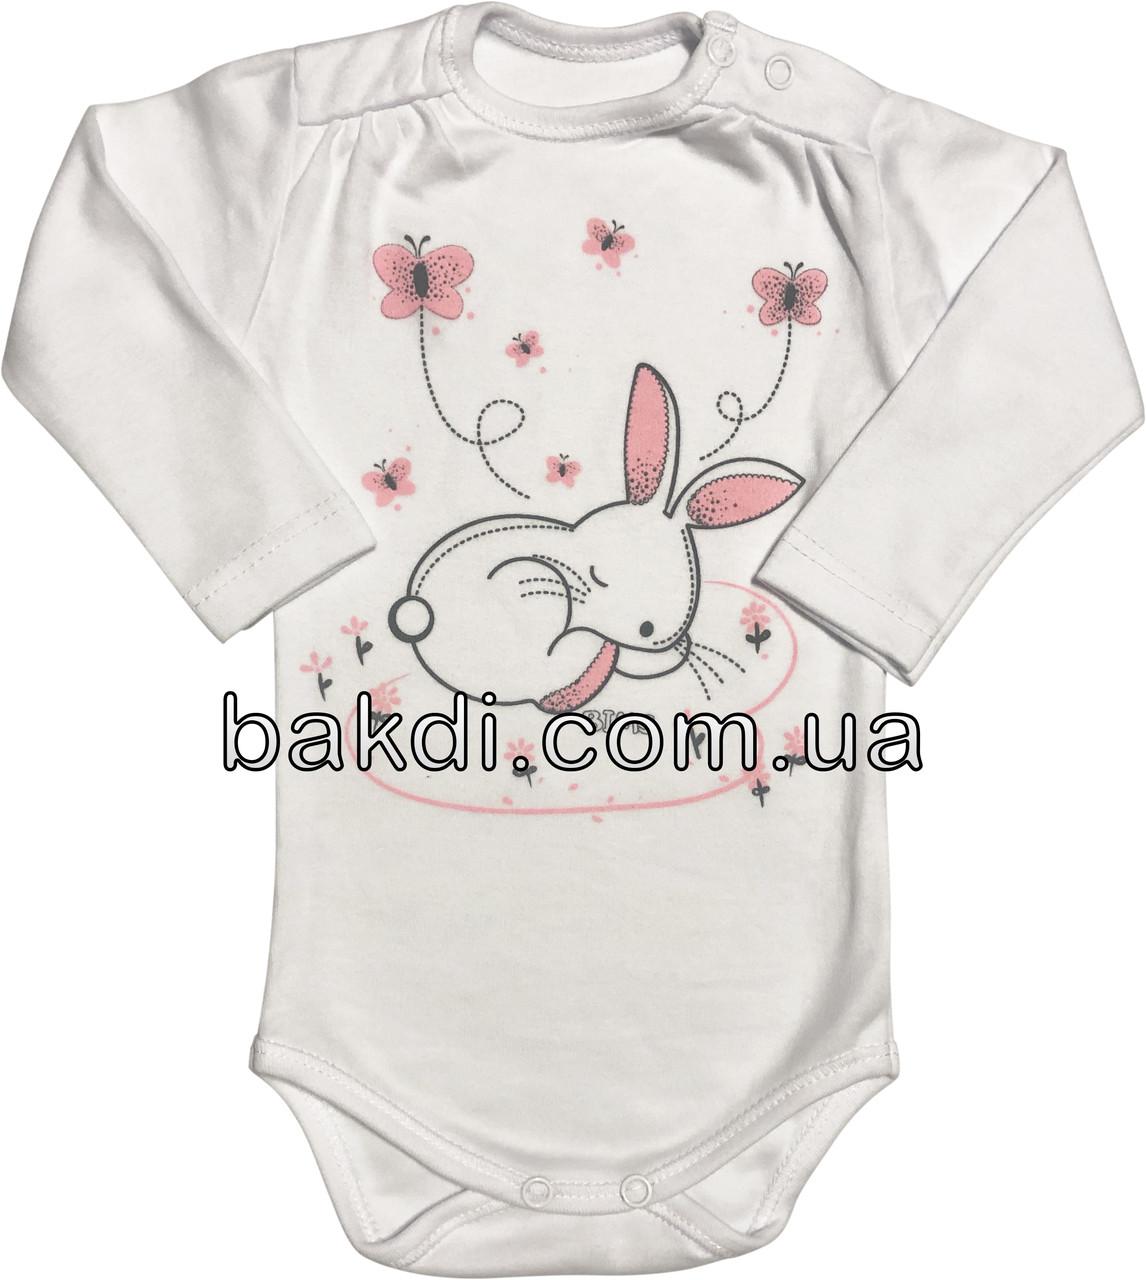 Детское боди рост 74 6-9 мес трикотажное интерлок белое на девочку бодик с длинным рукавом для новорожденных малышей Б866